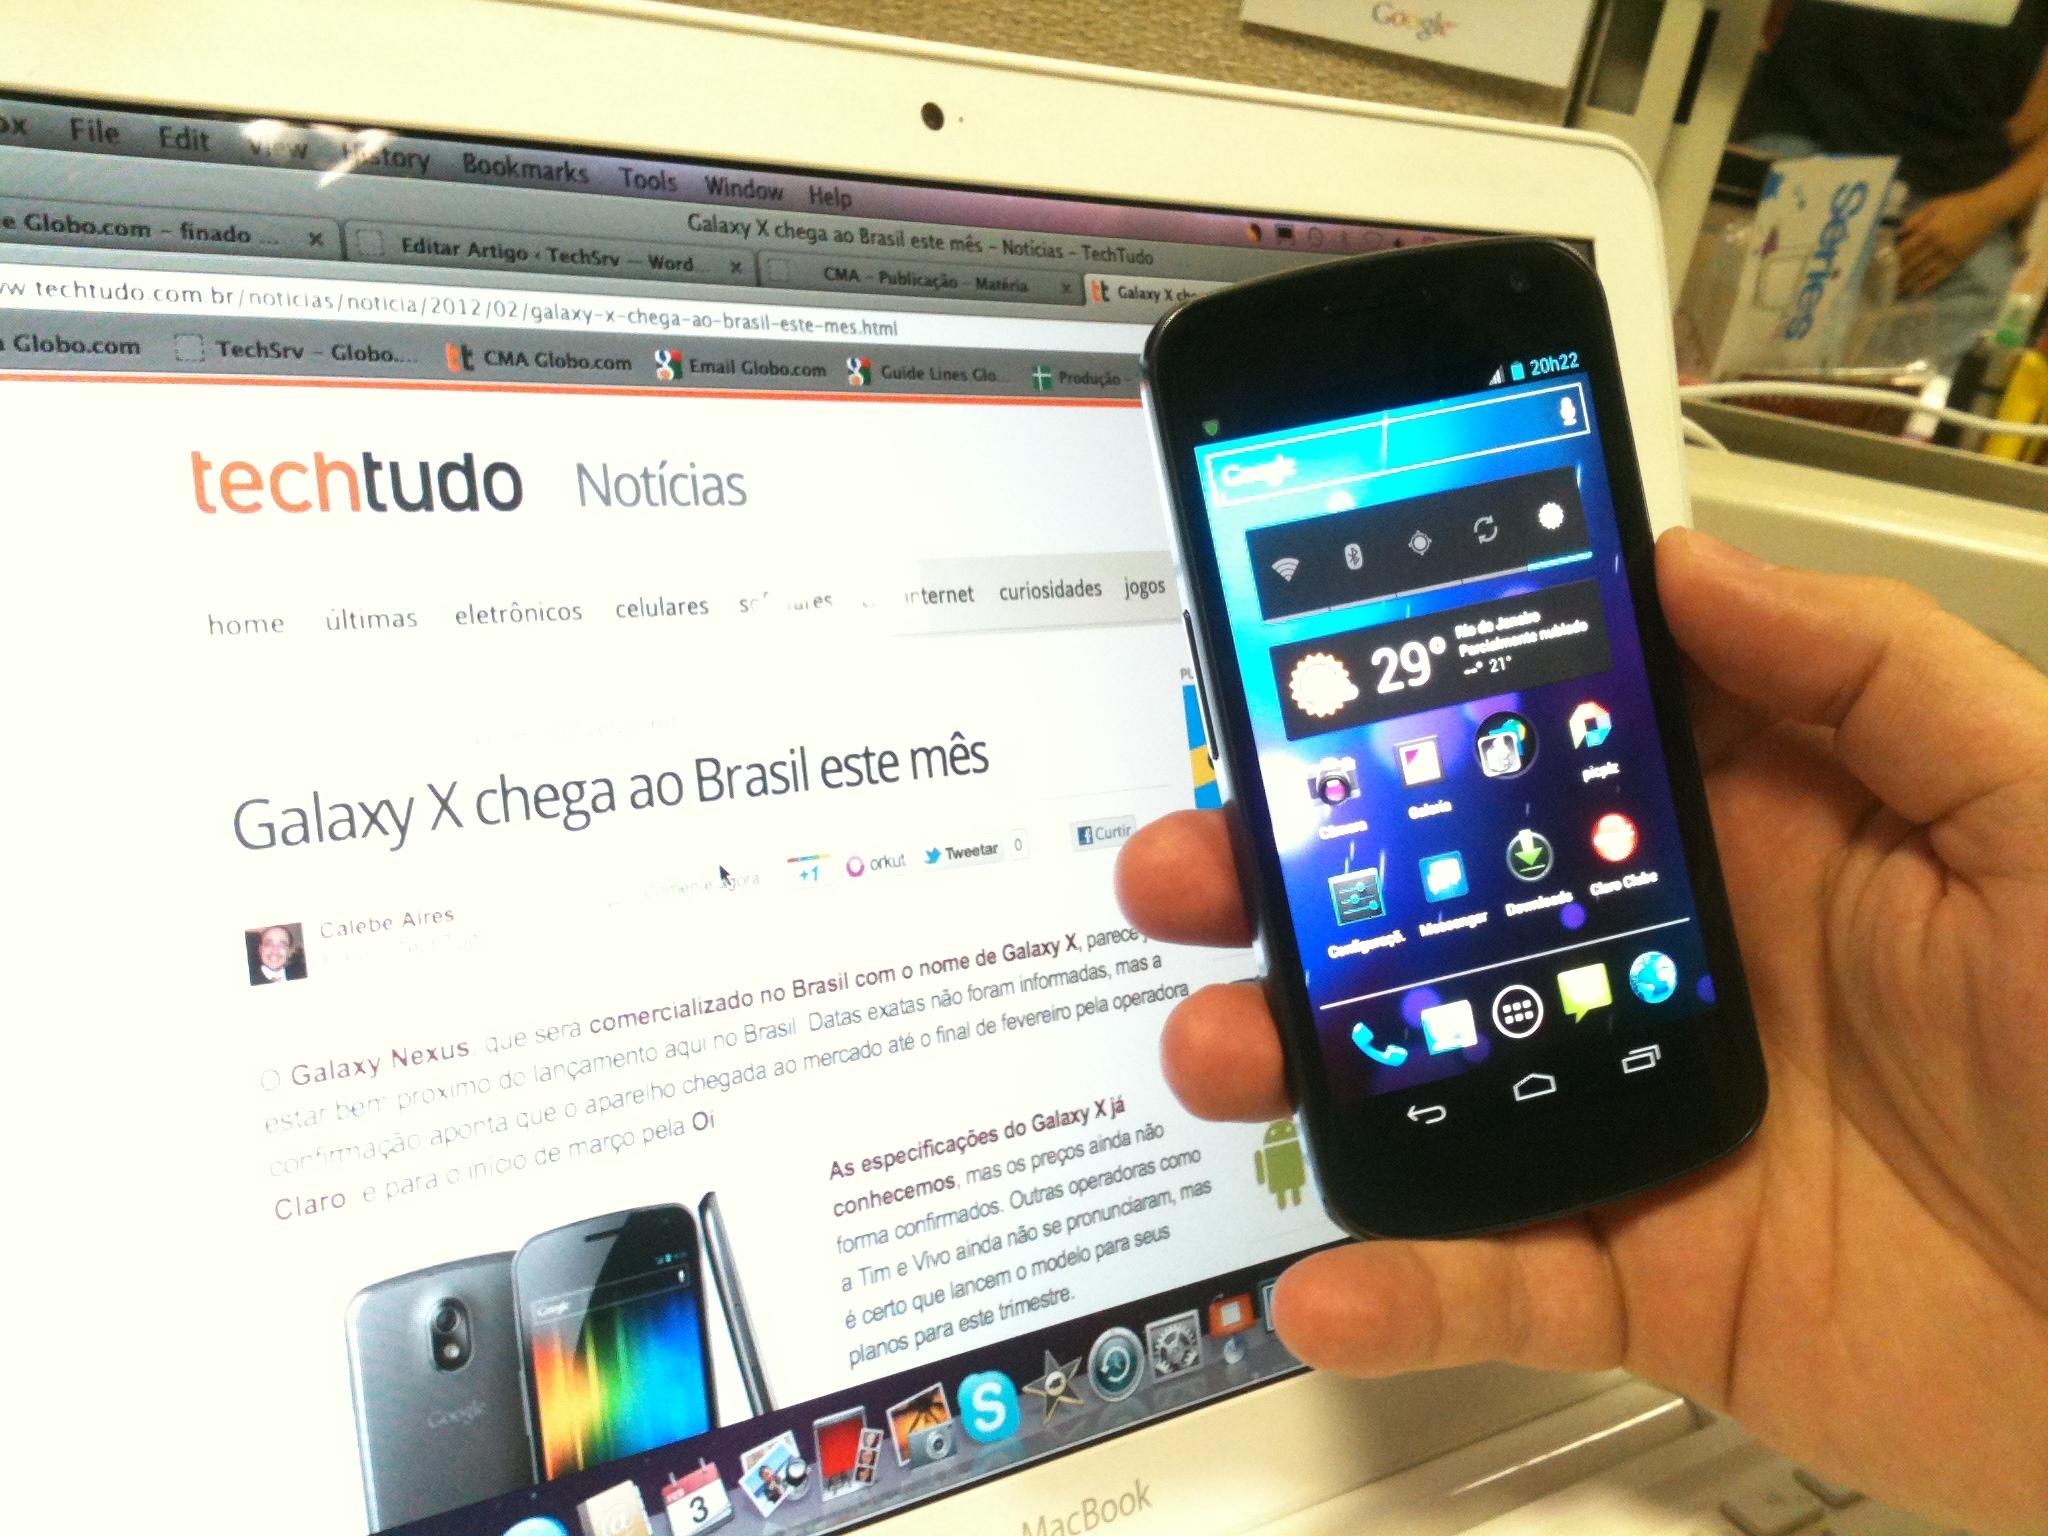 Galaxy X, ou Galaxy Nexus, como é conhecido lá fora (Foto: Allan Melo/TechTudo)